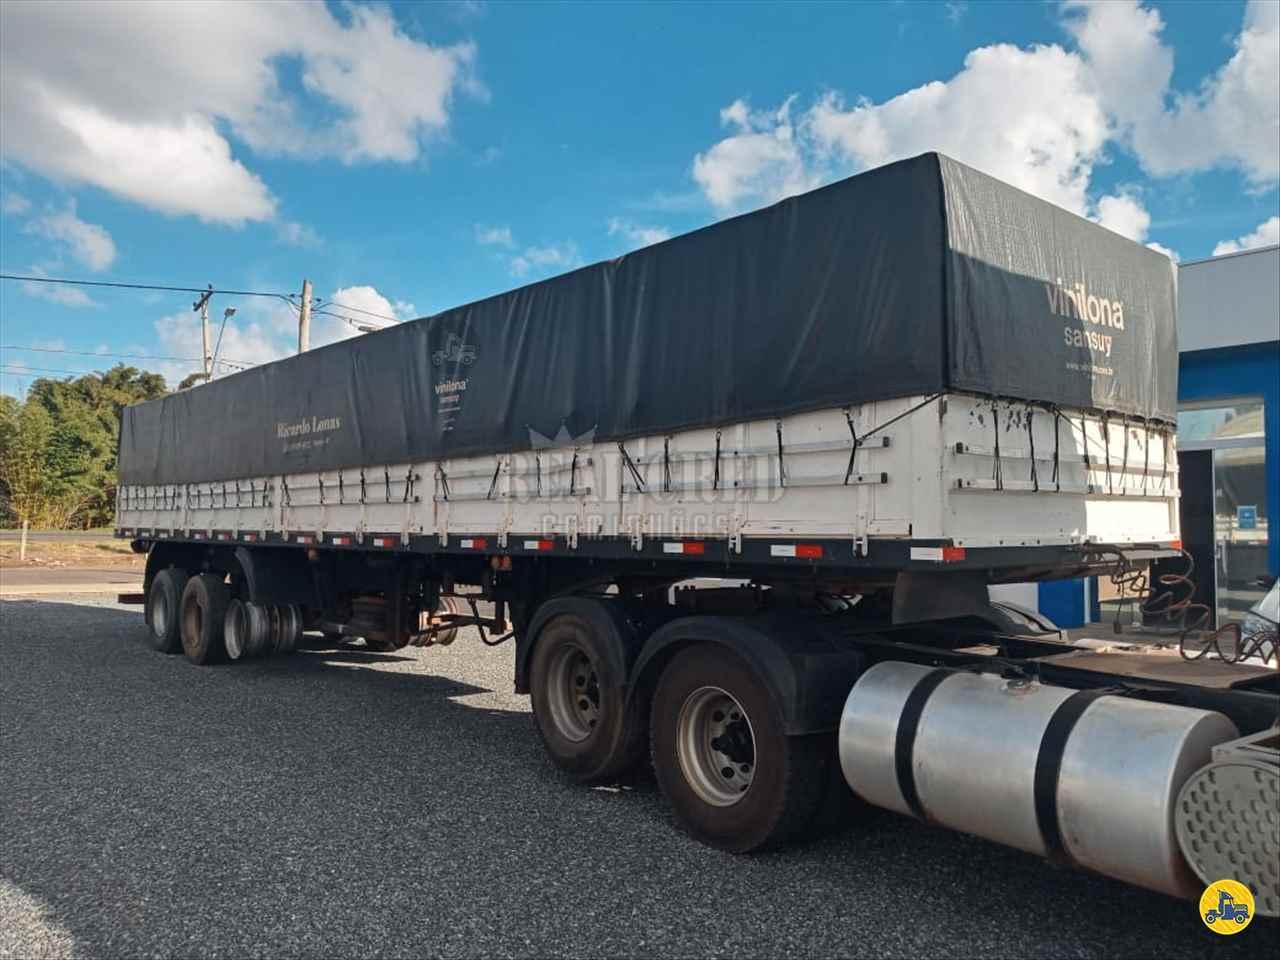 CARRETA SEMI-REBOQUE GRANELEIRO Real Cred Caminhões PIEDADE SÃO PAULO SP